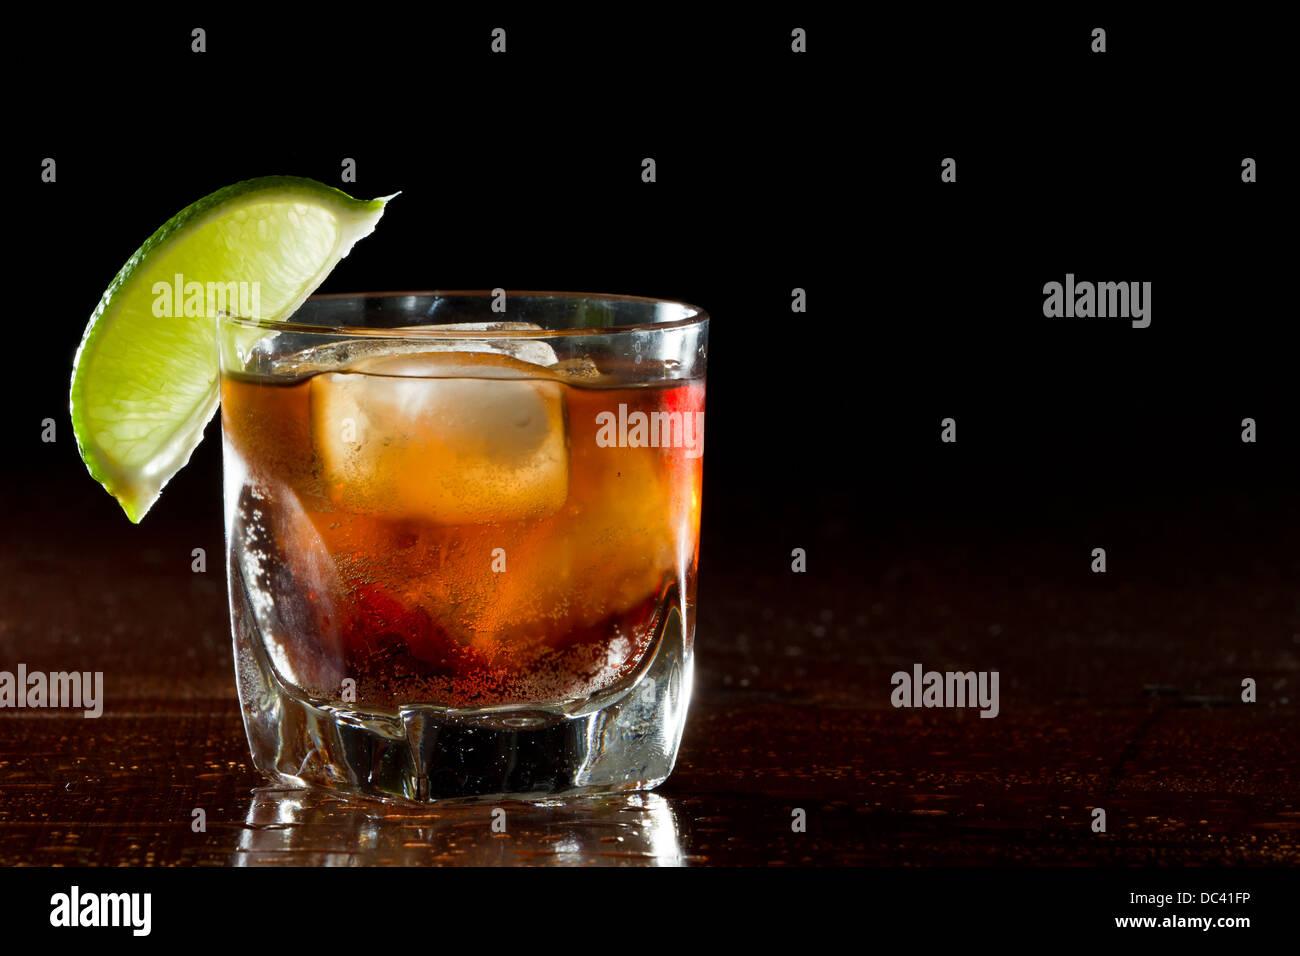 Cuba Libre, Rum und Cola cocktail serviert in einem kurzen Glas mit einer Kalk-Garnitur Stockbild